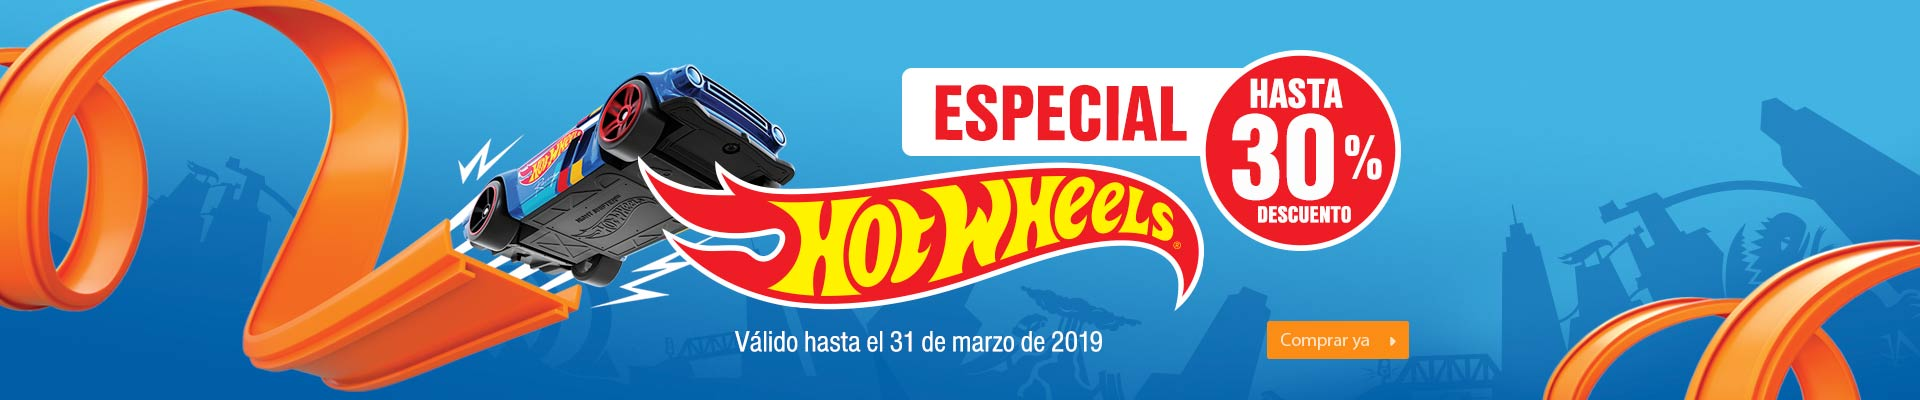 AK-BCAT-1-juguetes---especial-hot-wheels-Mar26